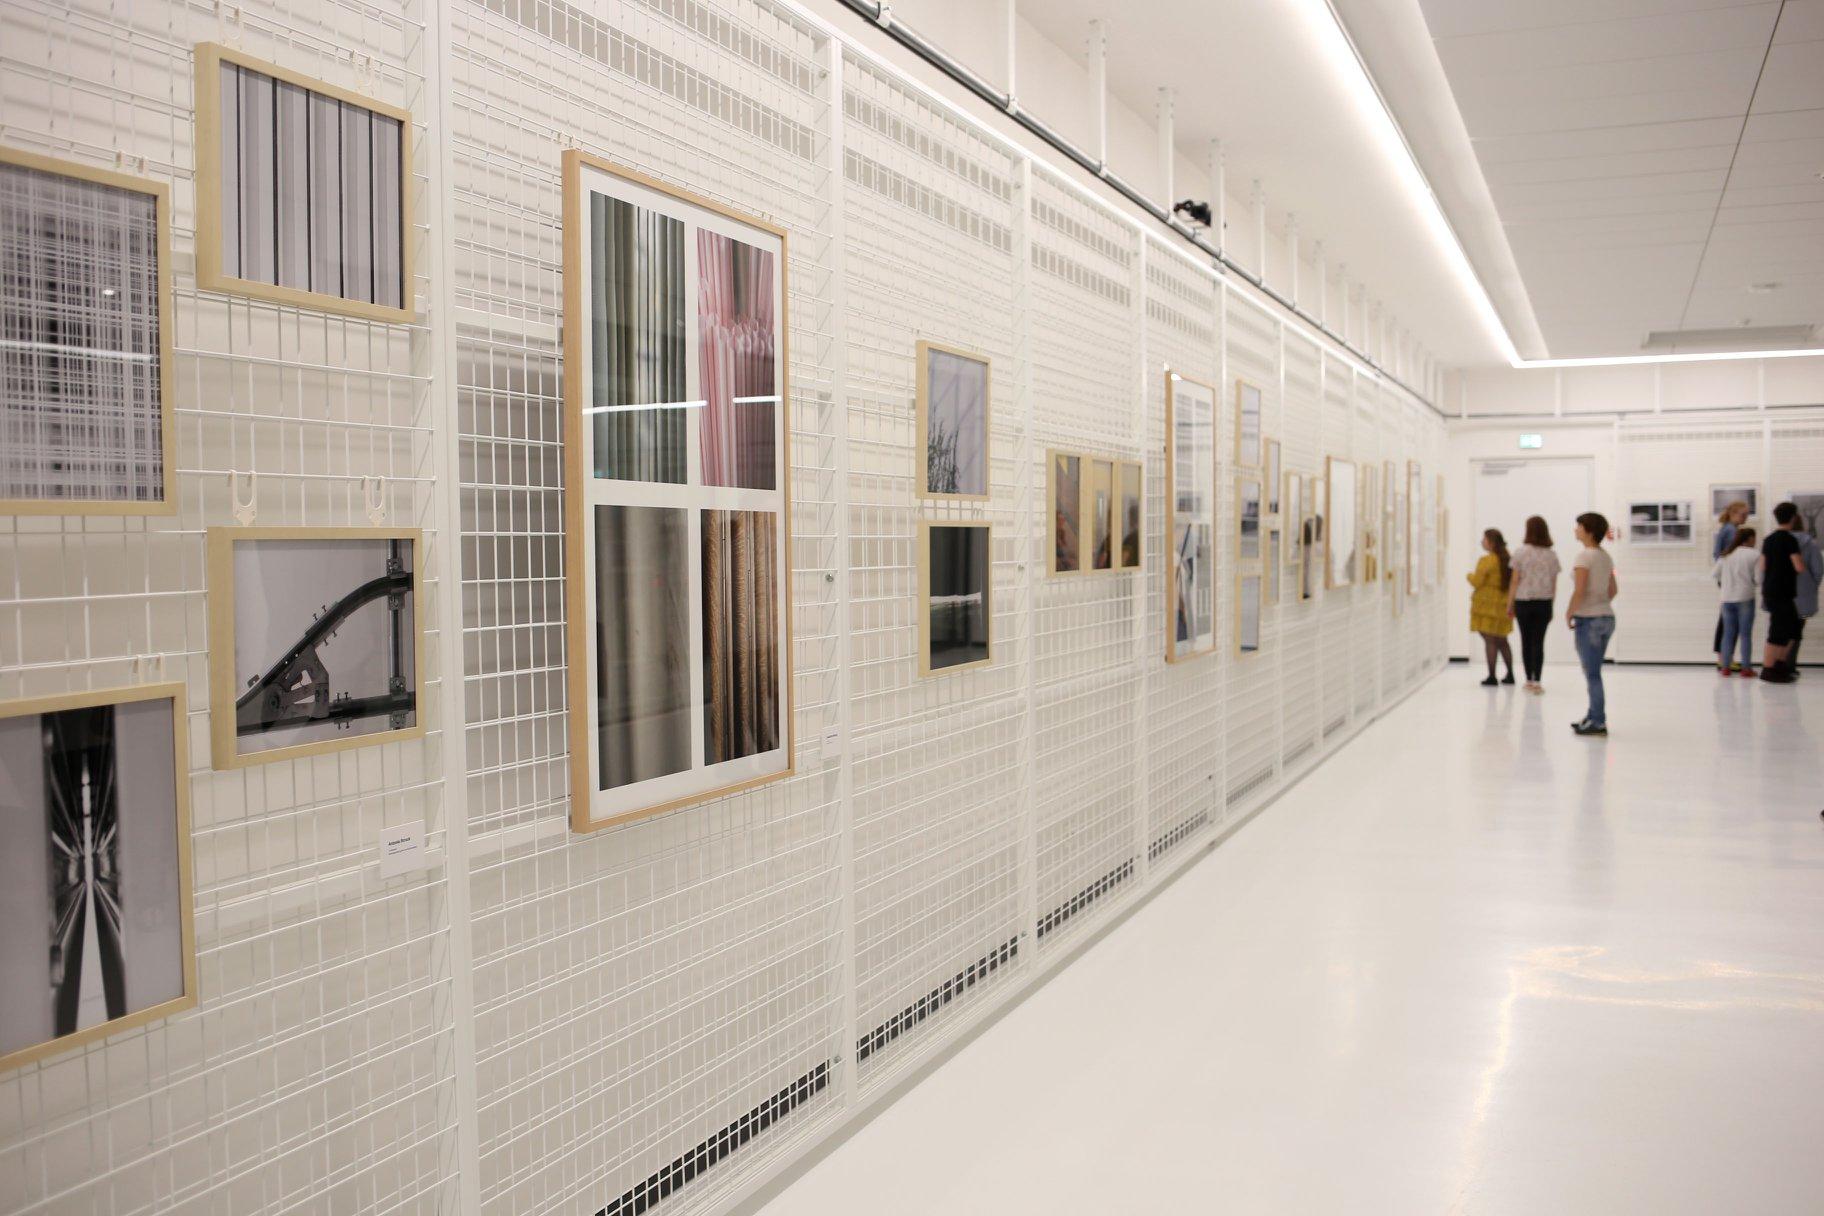 Blickpunkt Kunsthalle